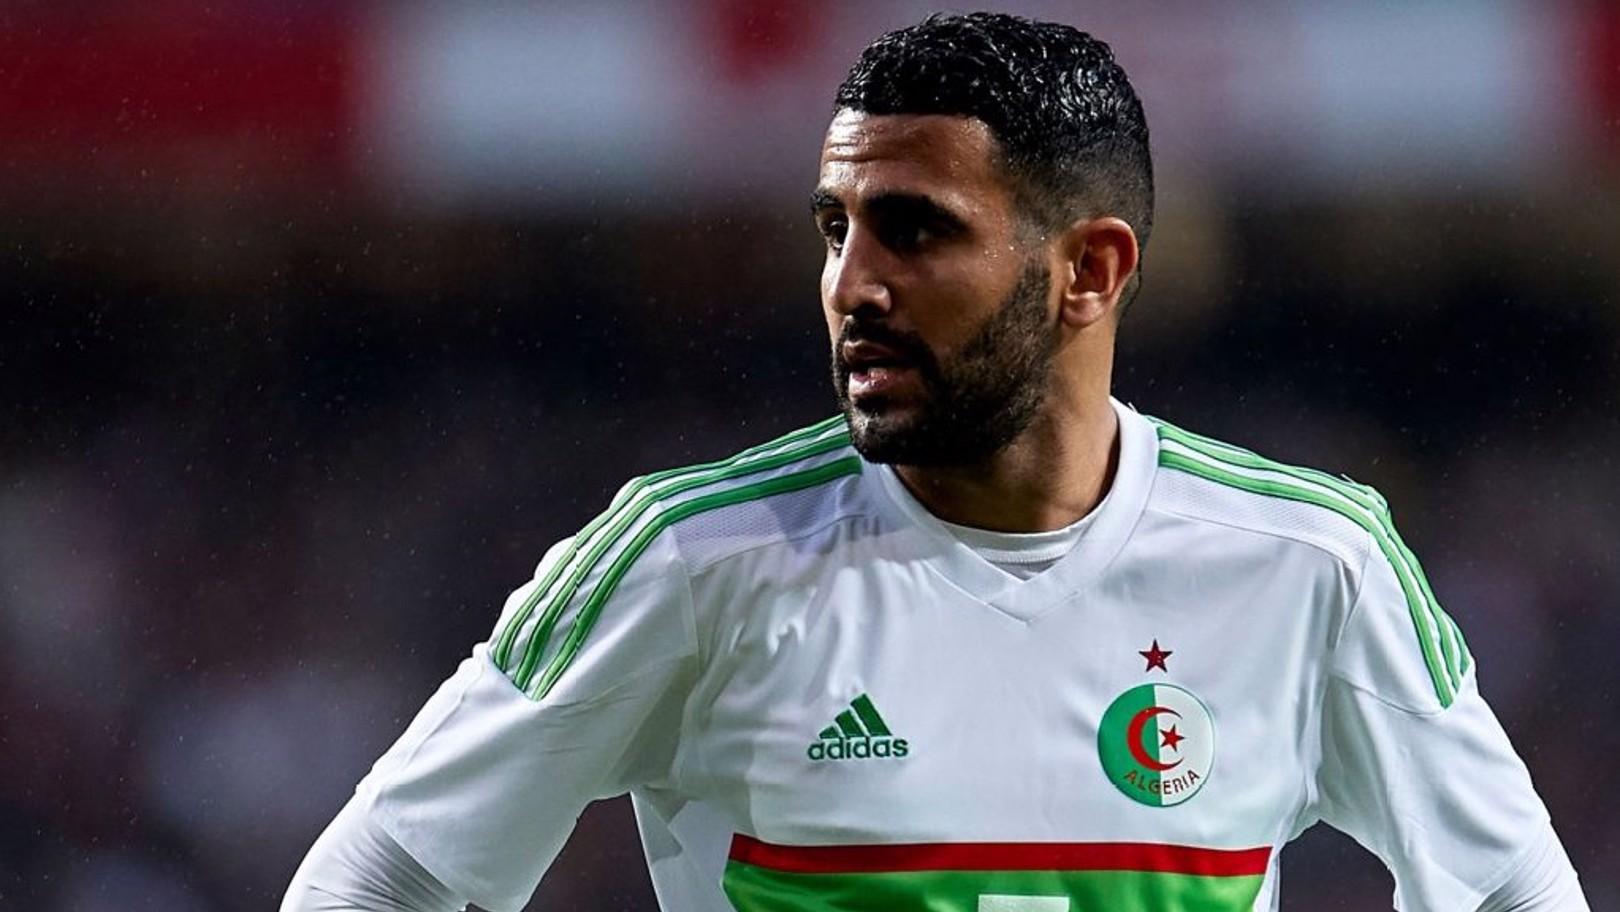 마레즈의 활약으로 네이션스컵 승리를 거둔 알제리